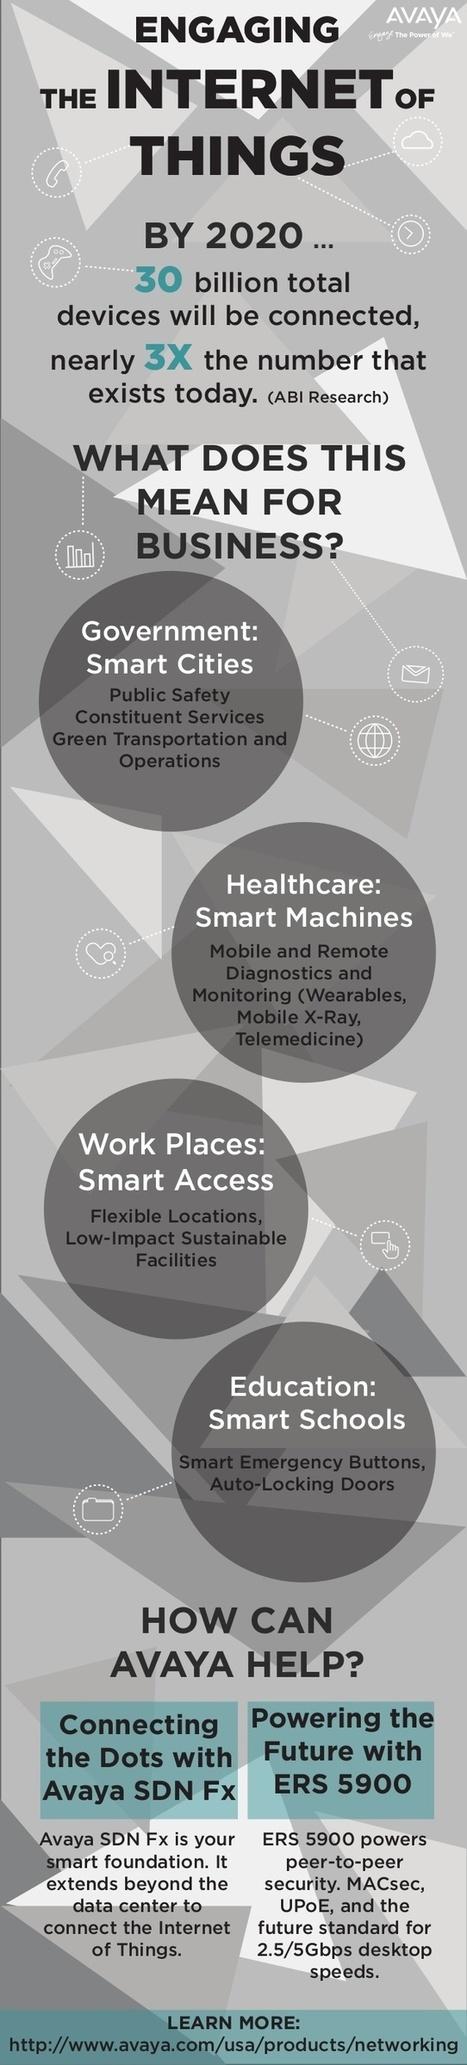 ¿Qué significa Internet de las Cosas para las empresas? #infografia #infographic | Uso inteligente de las herramientas TIC | Scoop.it